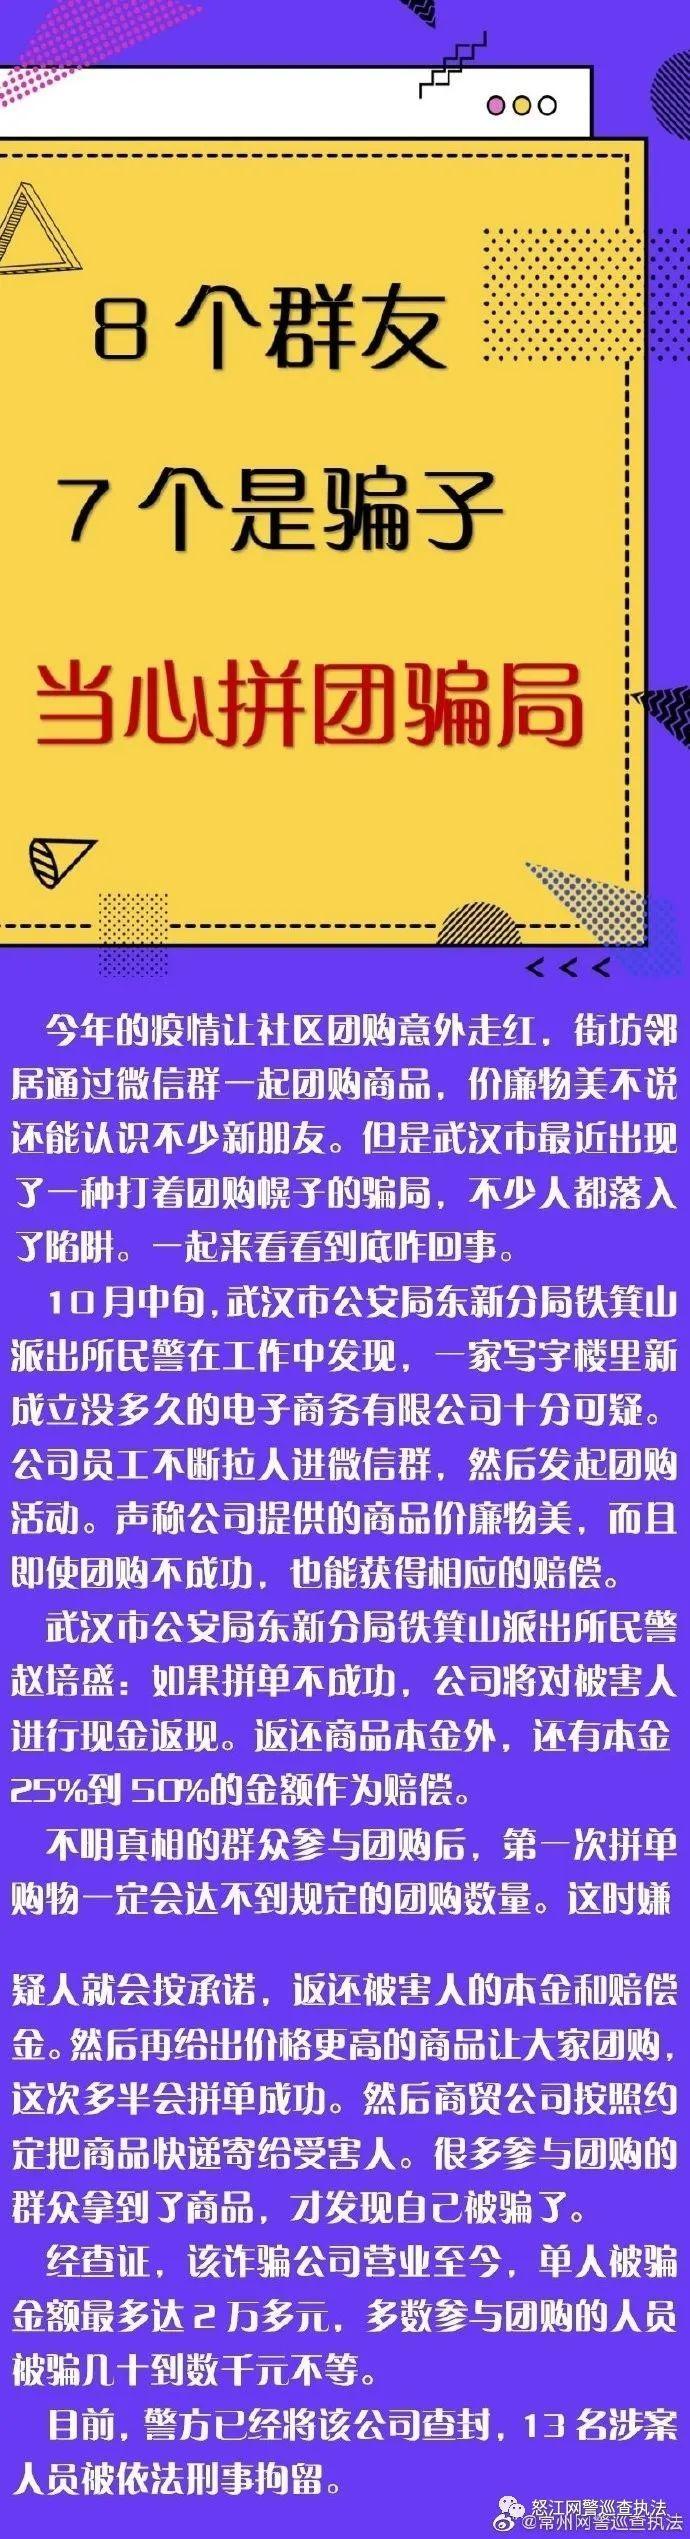 净网2020【8个群友7个是骗子 当心拼团骗局】剑指诈骗